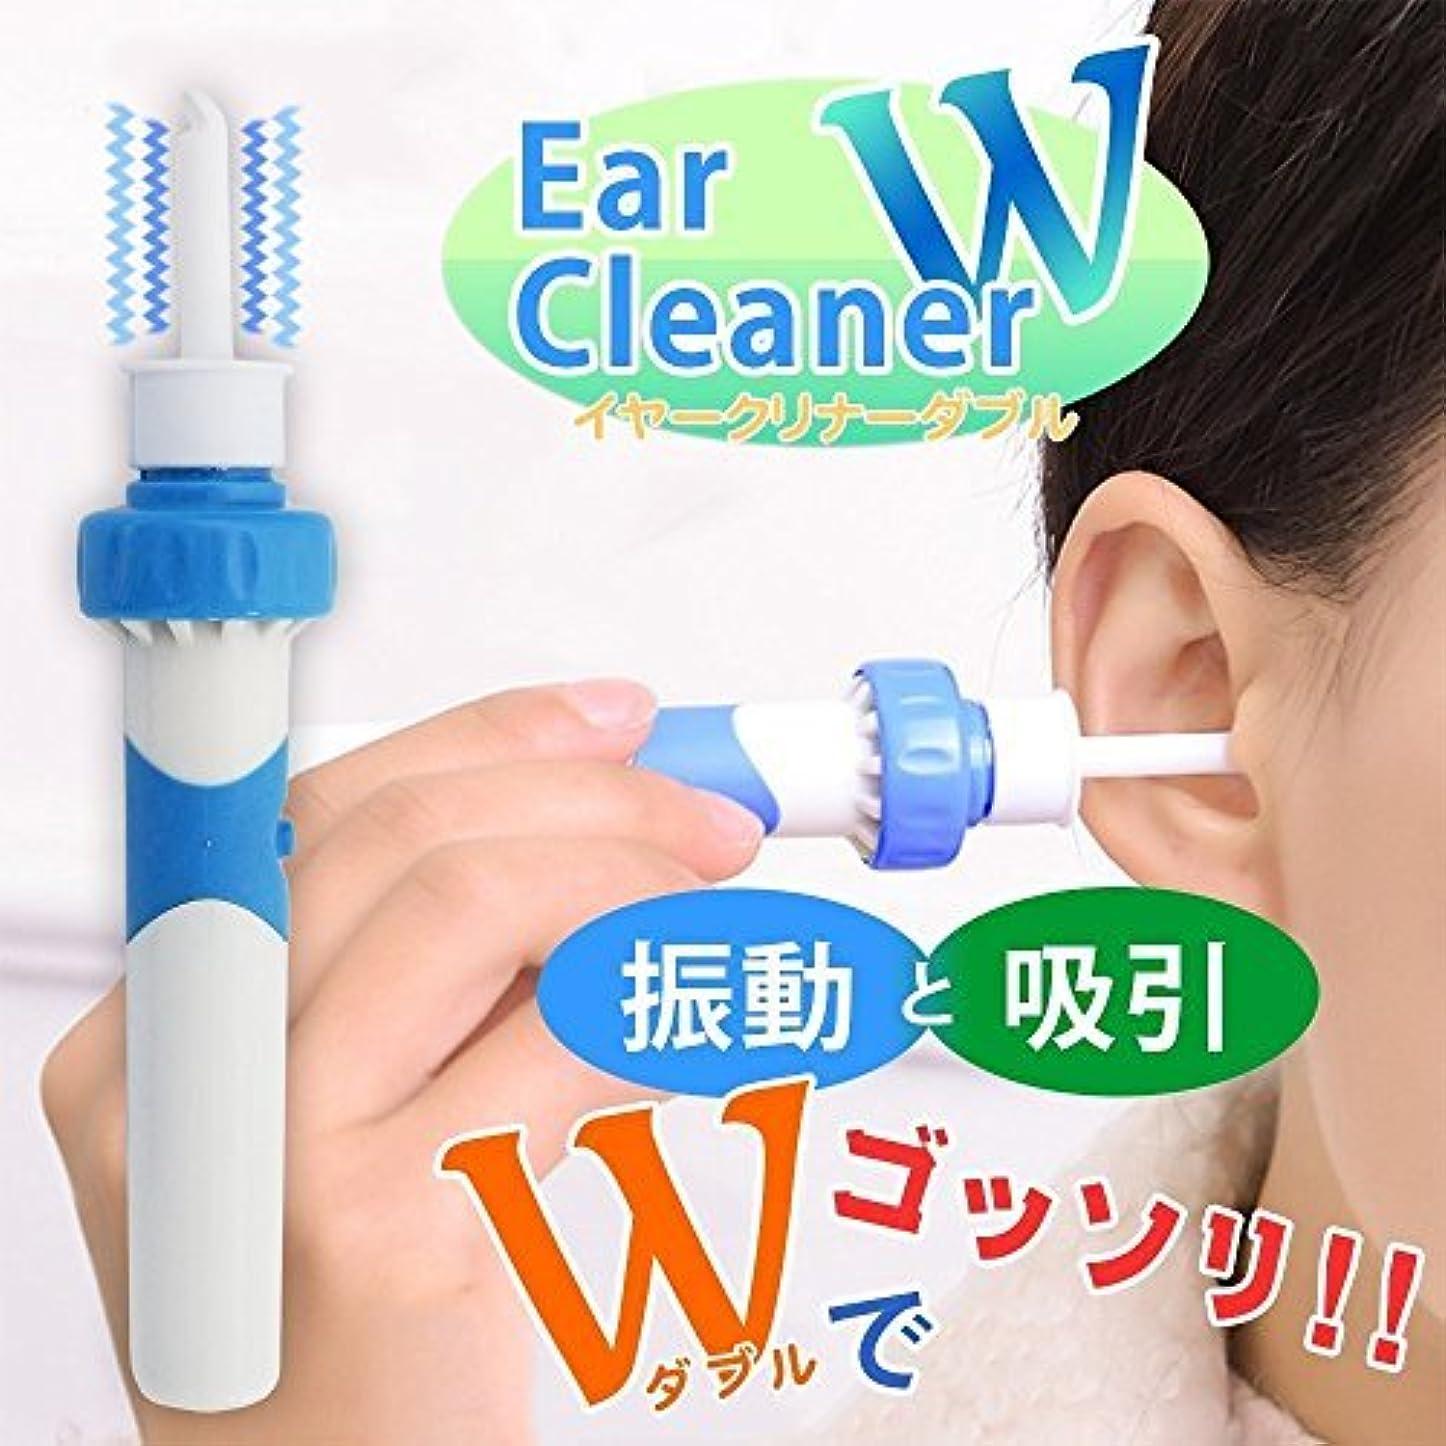 不正確してはいけない話CHUI FEN 耳掃除機 電動耳掃除 耳クリーナー 耳掃除 みみそうじ 耳垢 吸引 耳あか吸引